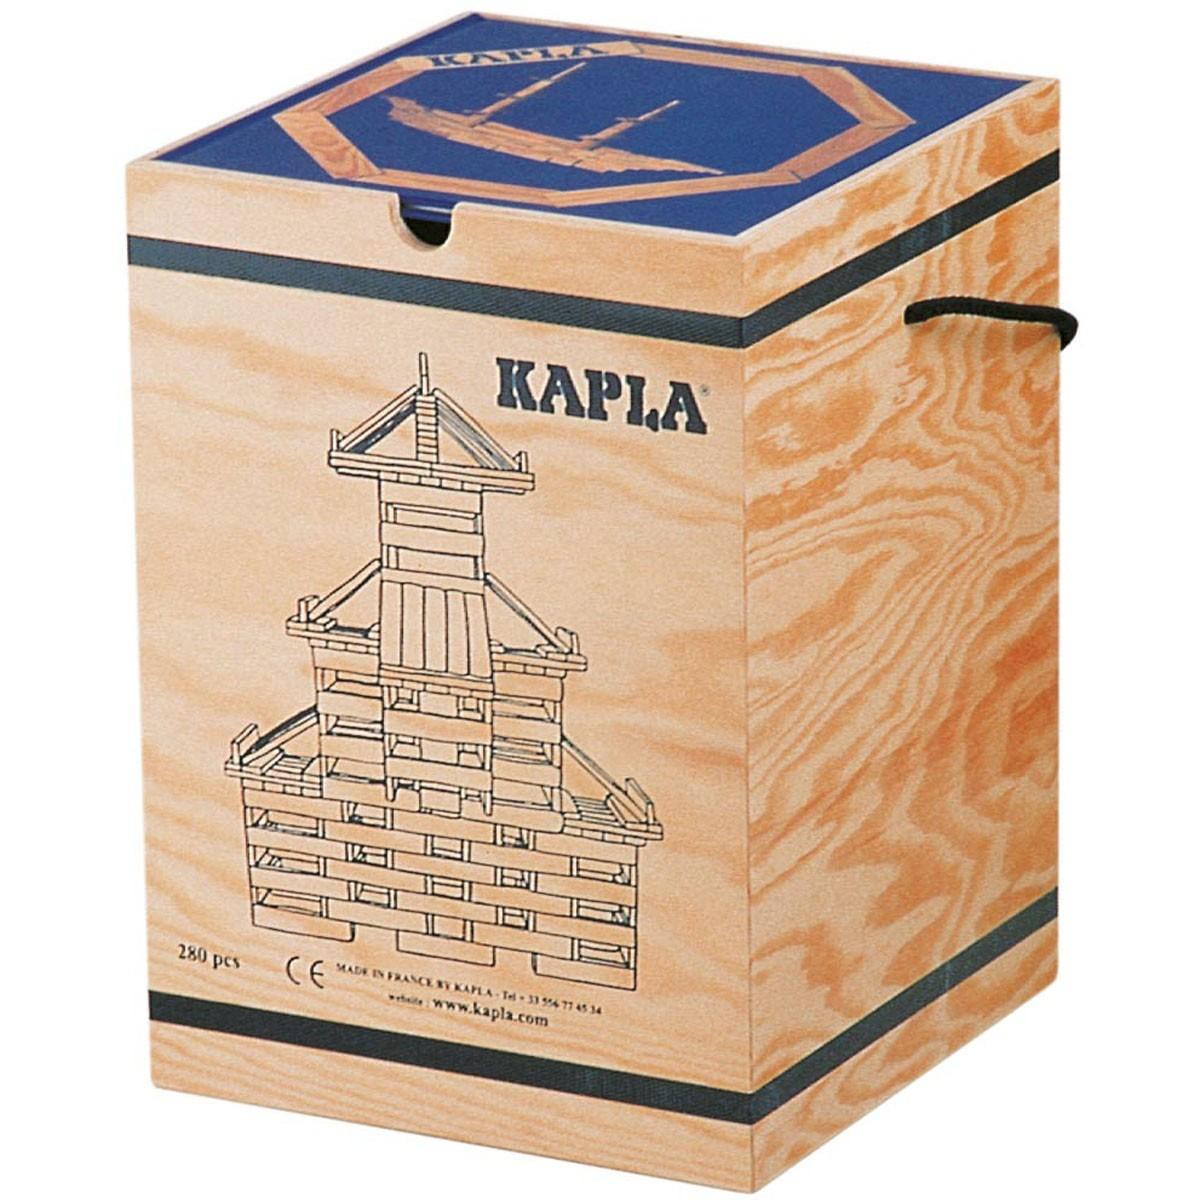 Kaplastavar 280 delar + Kaplabok blå